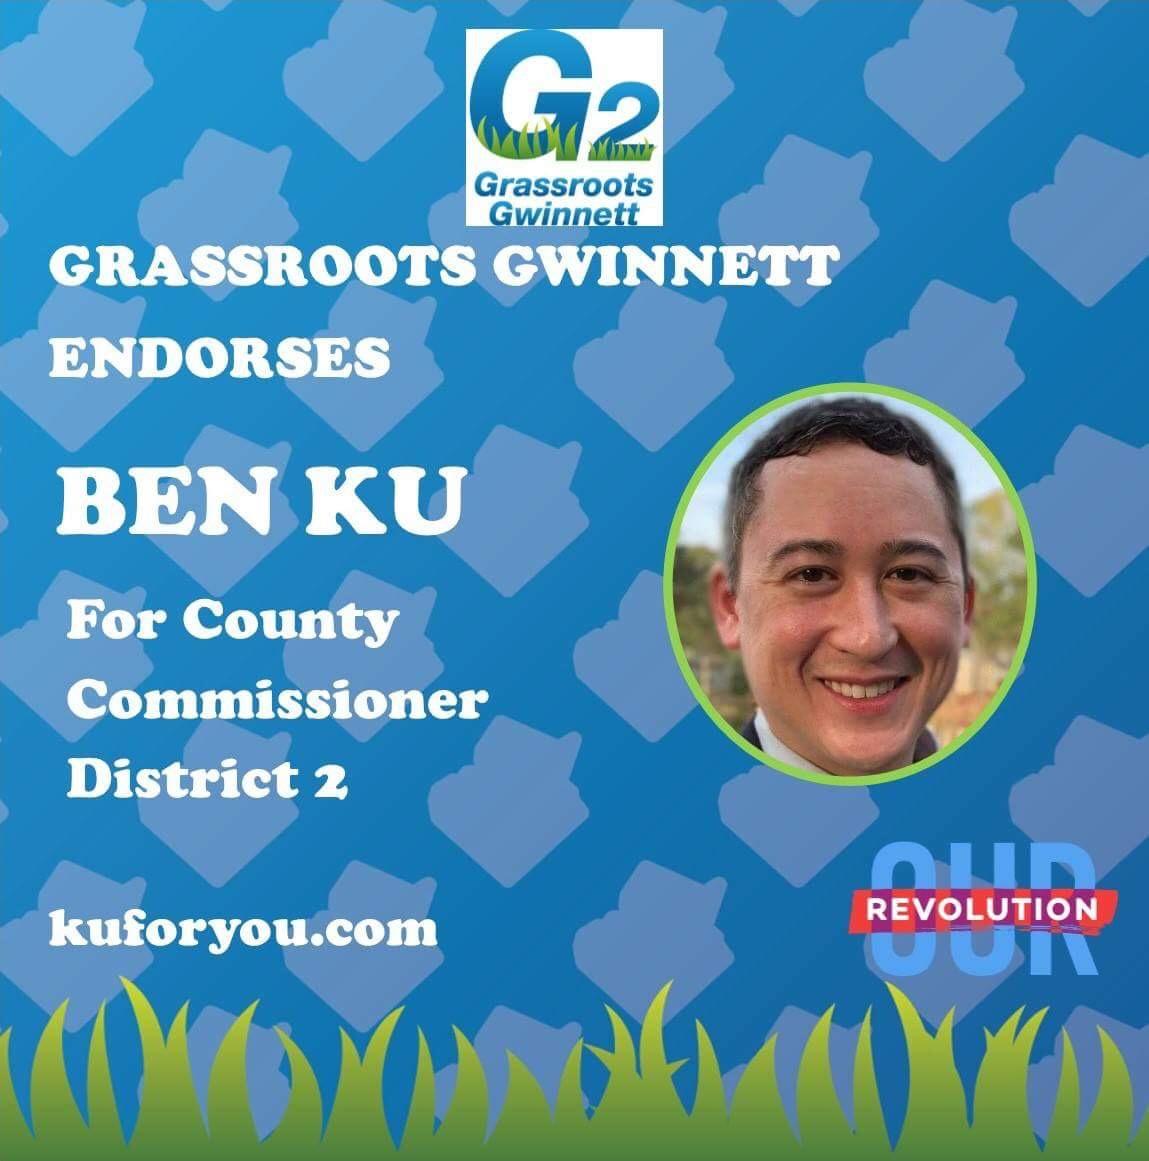 Grassroots Gwinnett